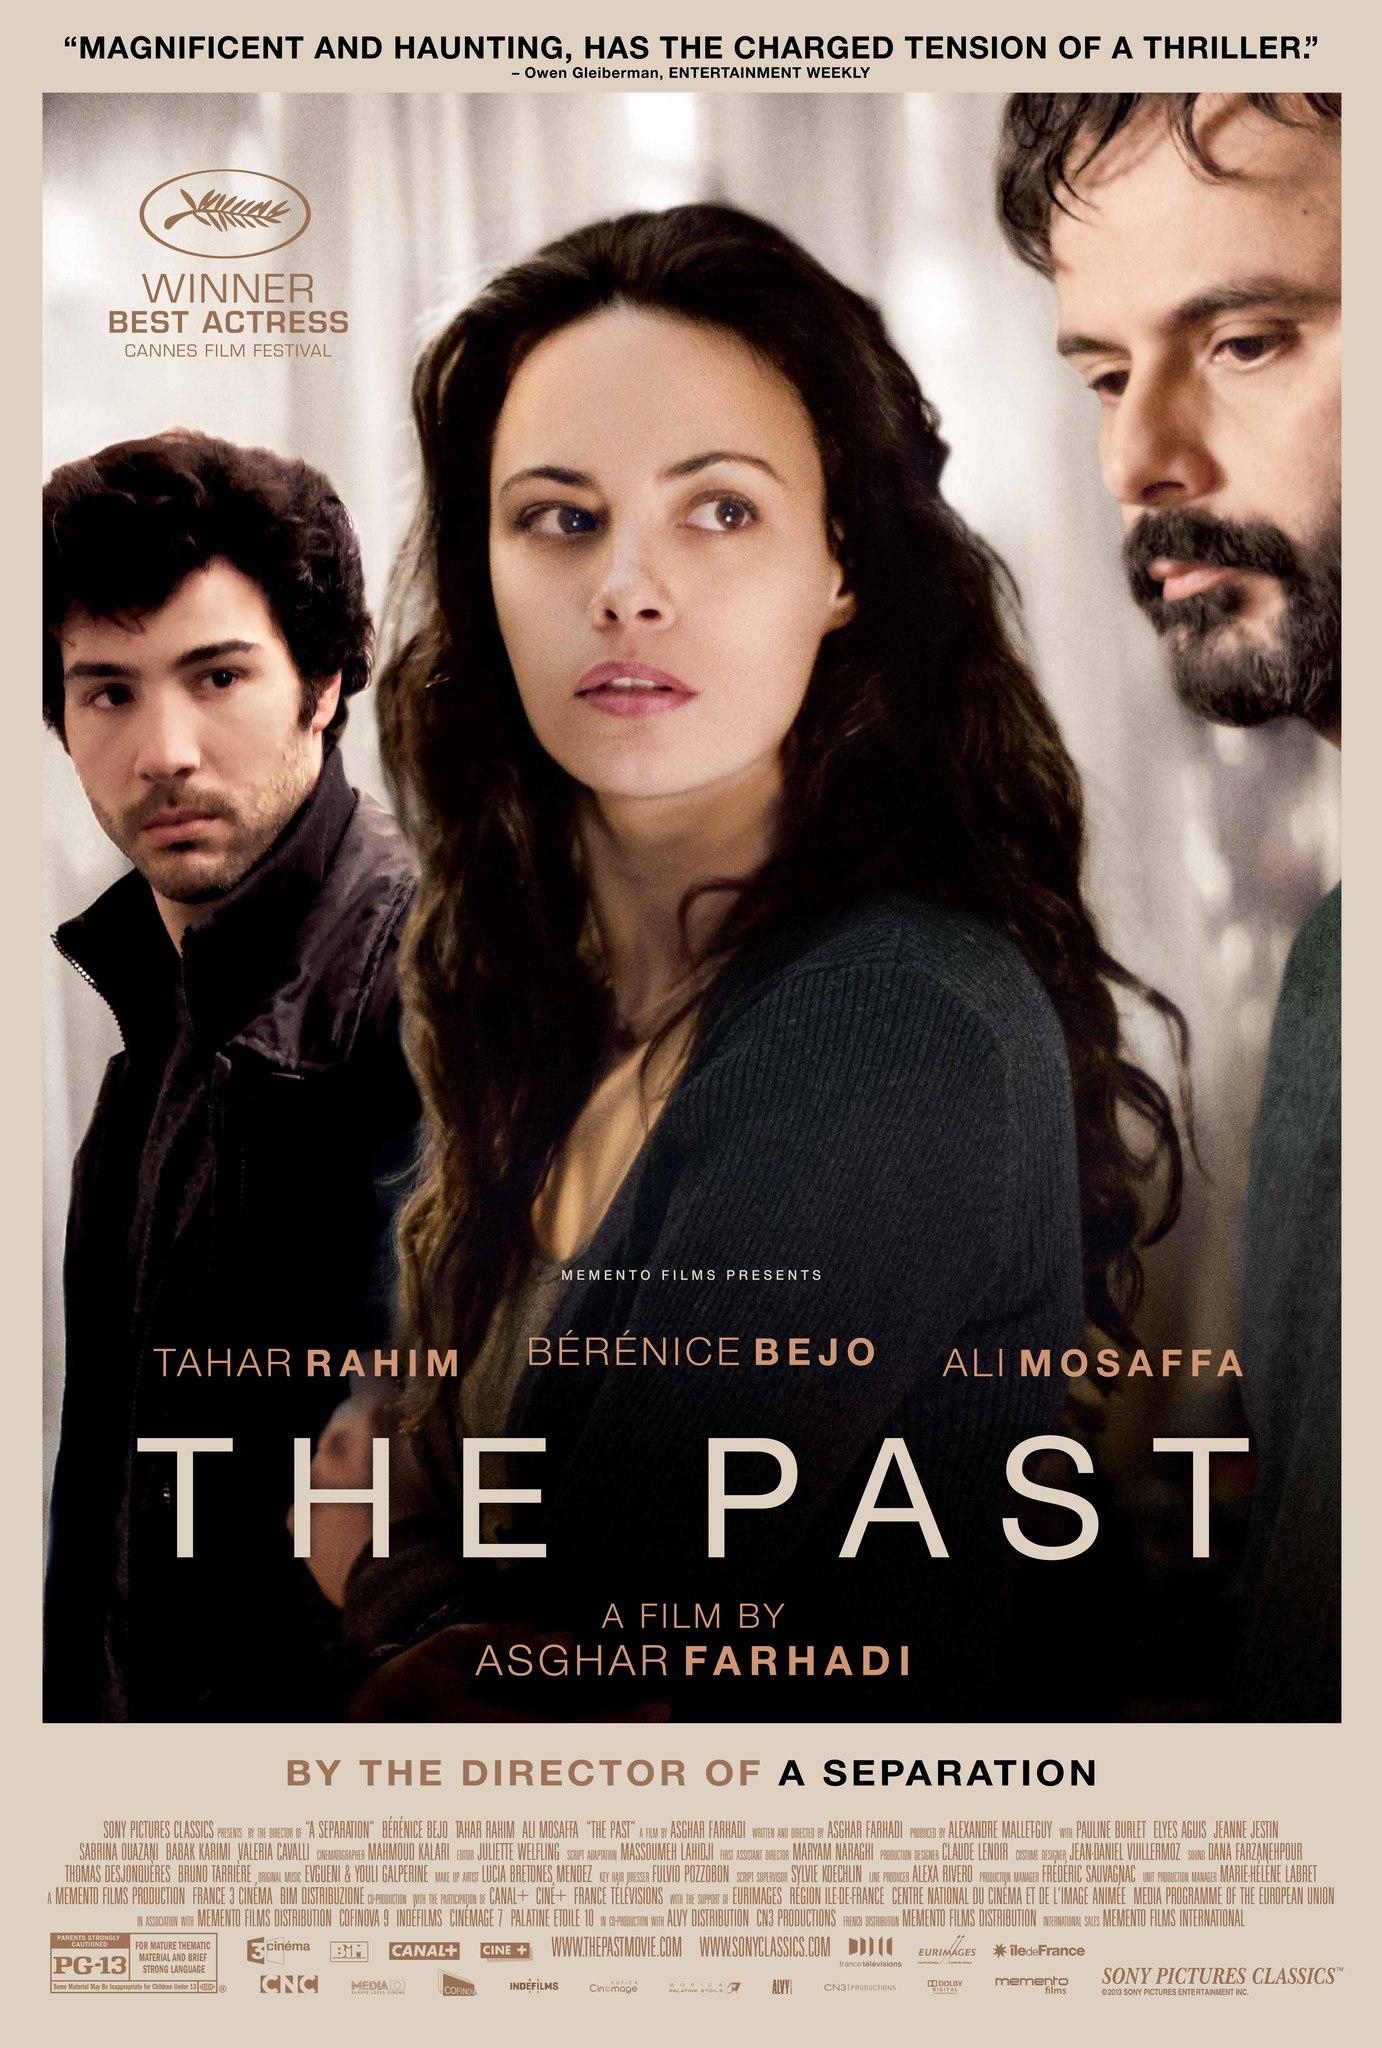 نگاهی به فیلم «گذشته»: افسانه زمان ابژکتیو